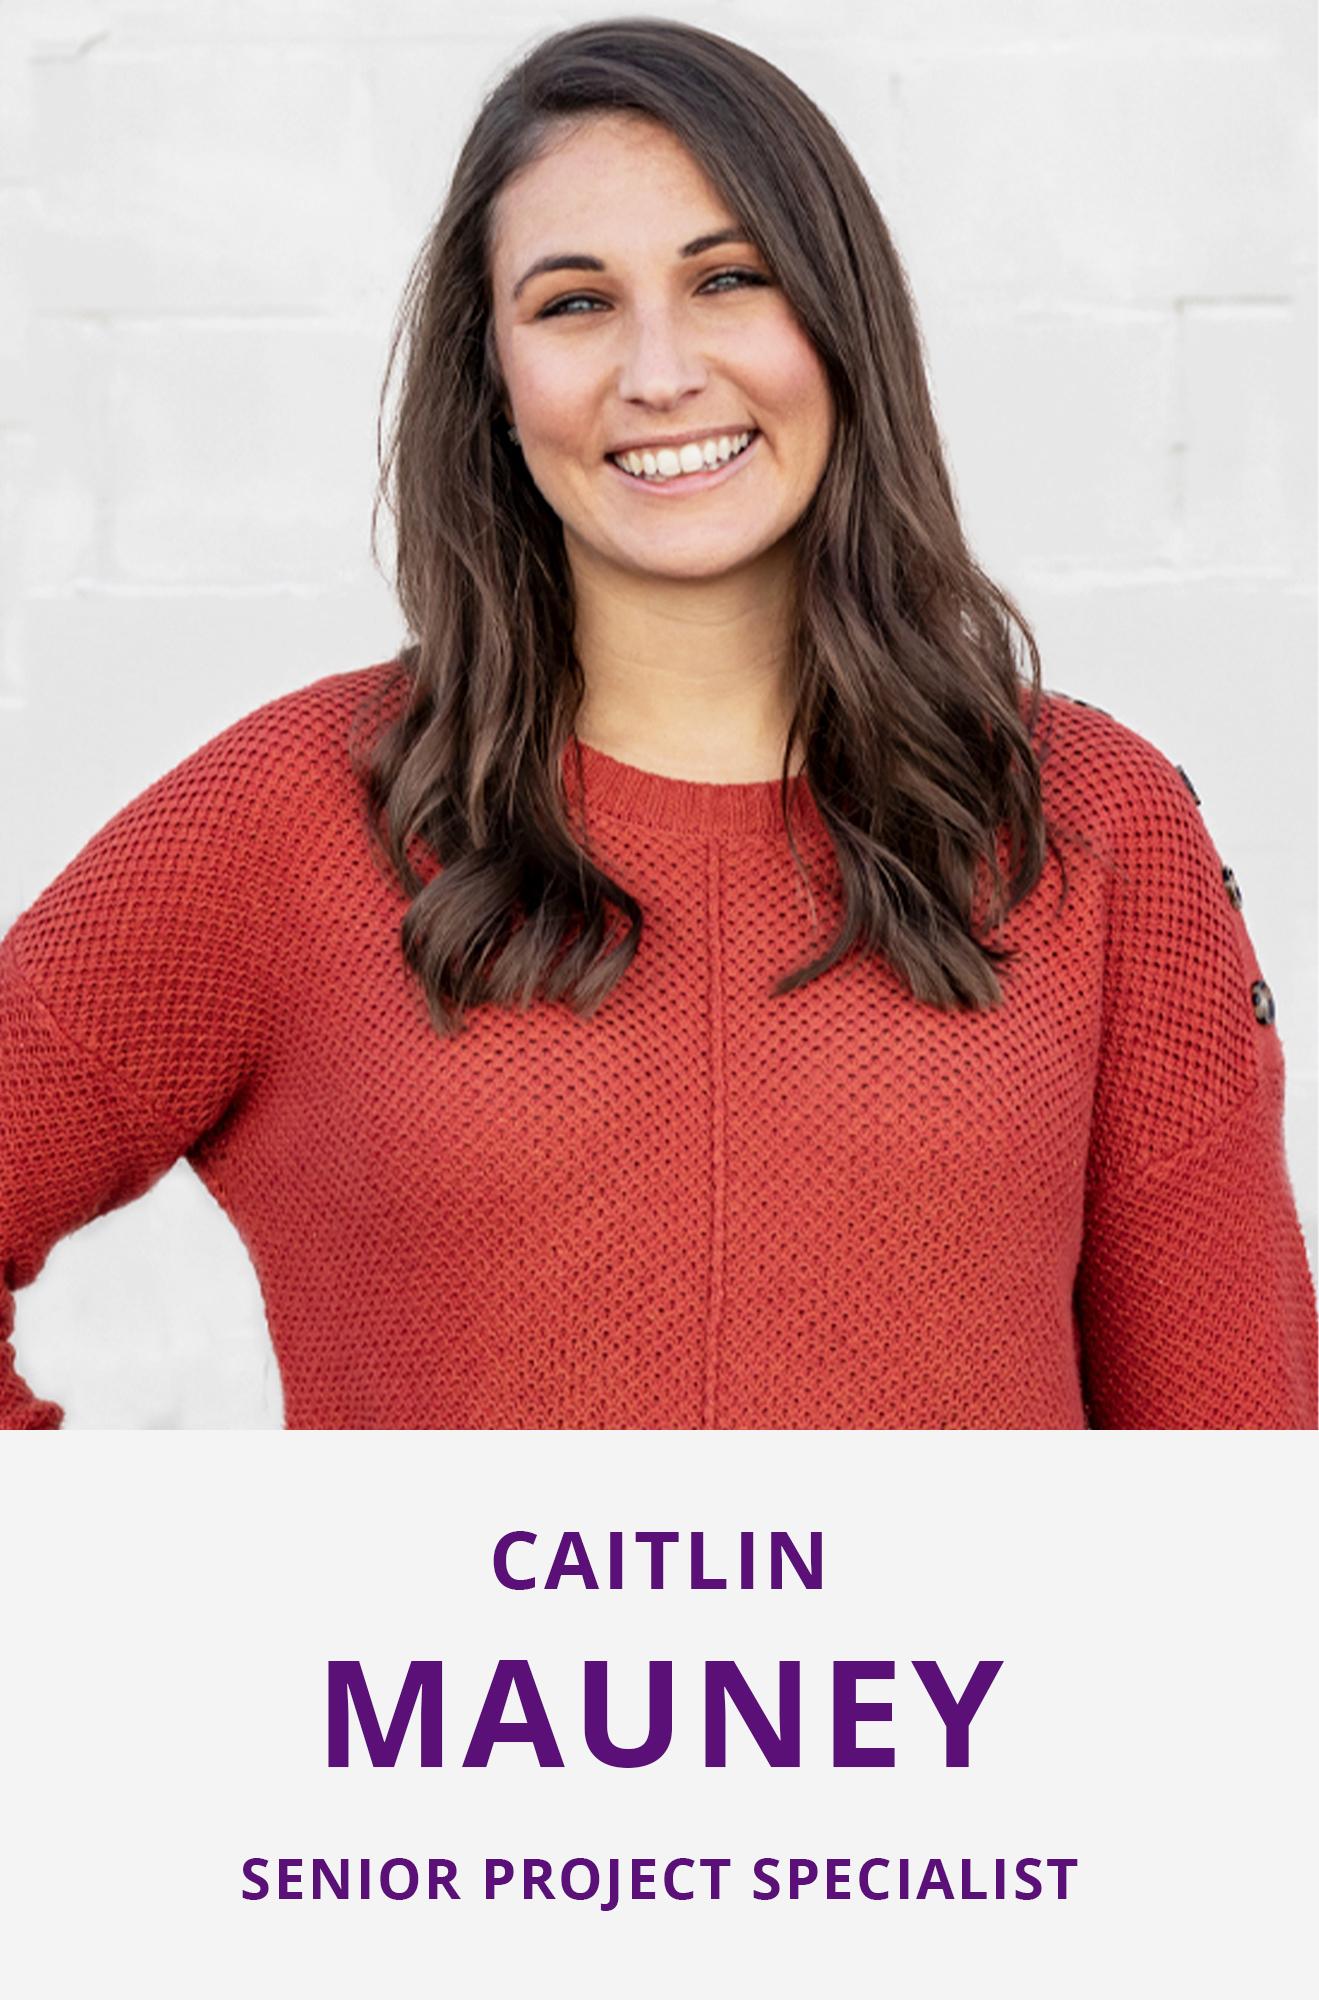 Caitlin Mauney